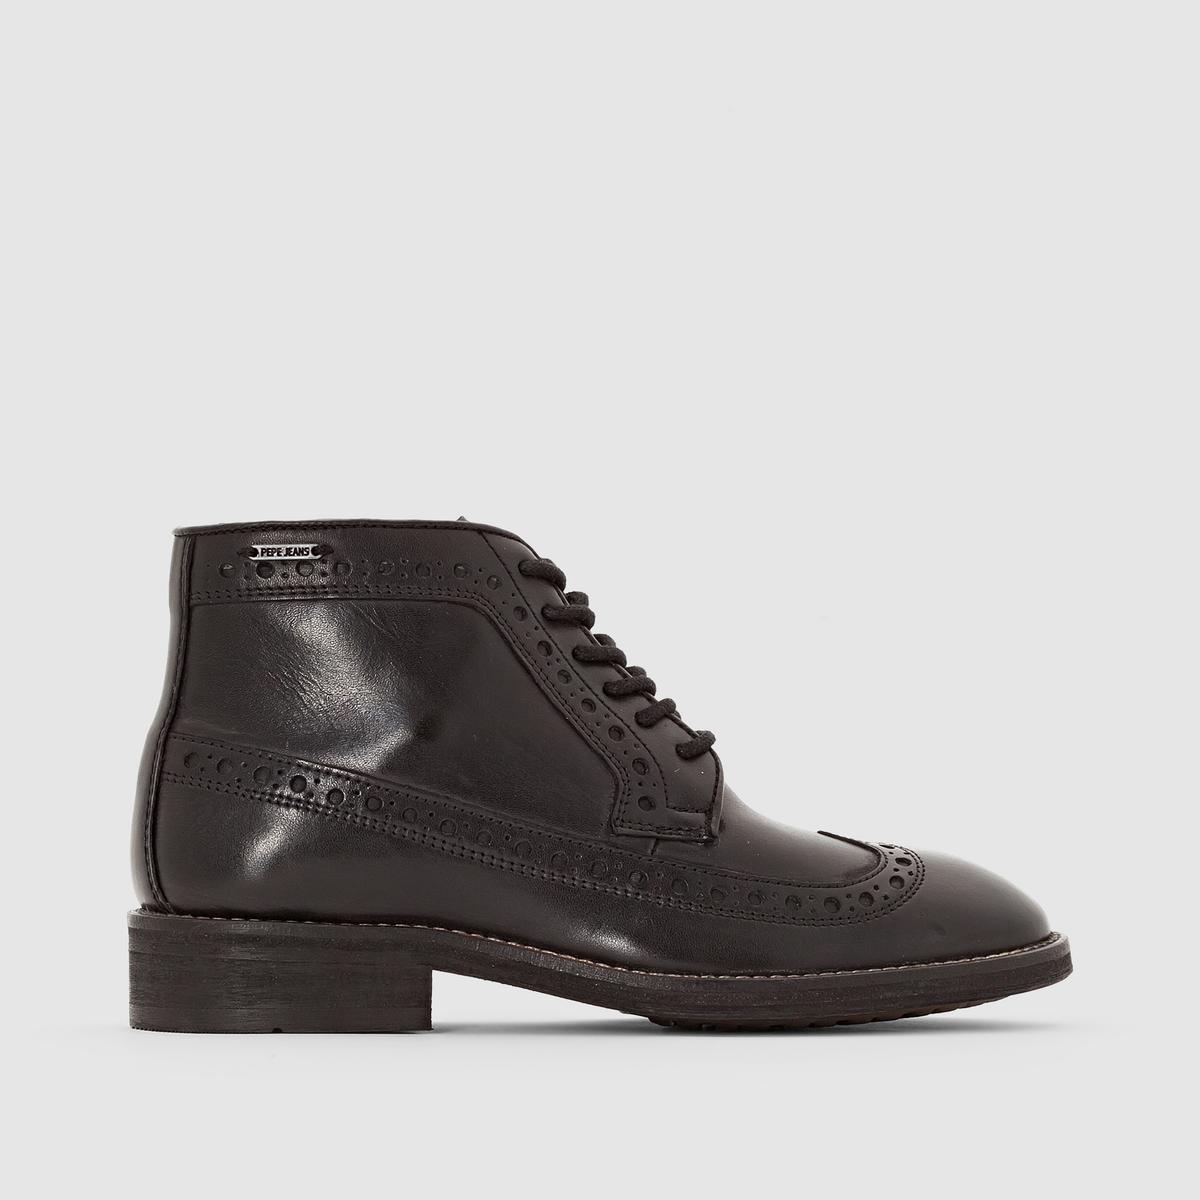 Ботинки кожаные на шнуровке, HACKNEYПодкладка: Хлопок и кожа.Стелька: Кожа.   Подошва: Синтетический материал ТПР.Высота голенища: 10 см.Высота каблука: 3 см.      Форма каблука: Широкая.Мысок: Круглый.       Застежка: Шнуровка.<br><br>Цвет: черный<br>Размер: 40